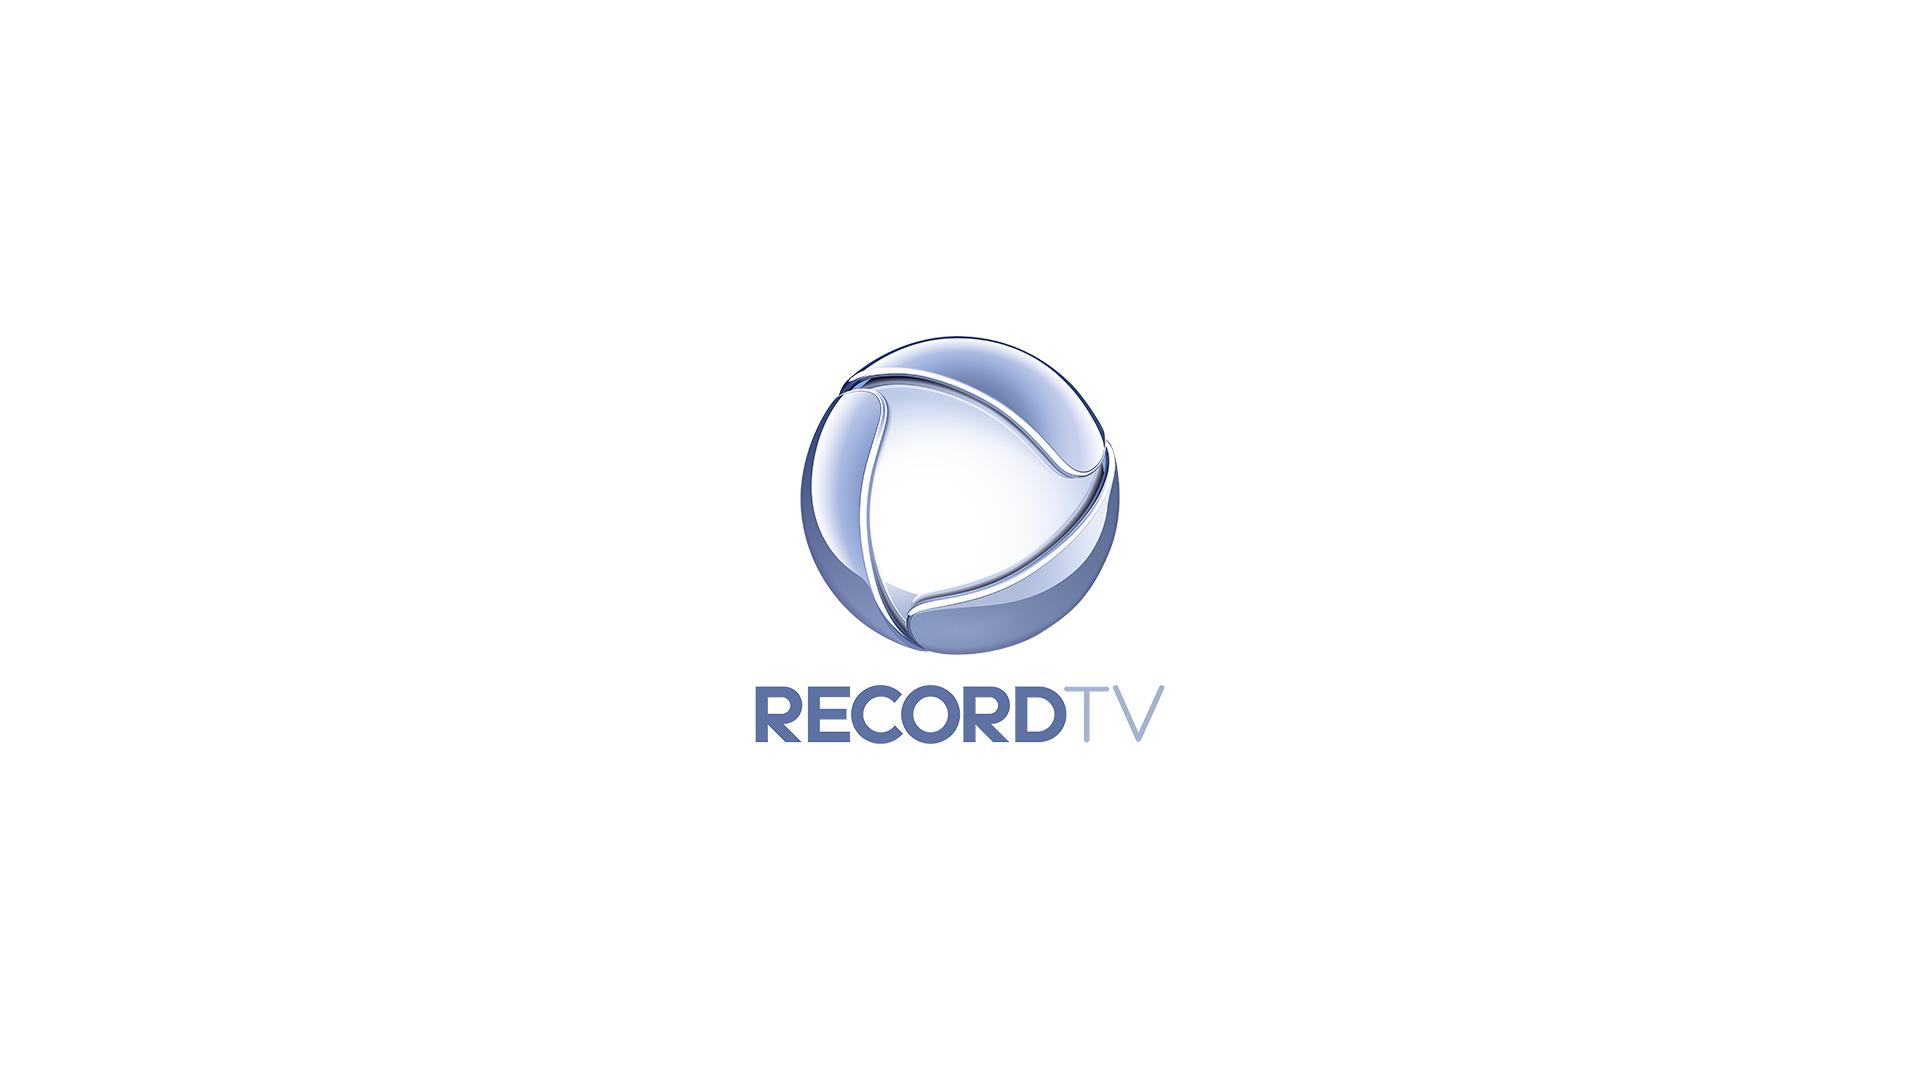 ABIC – TV Record